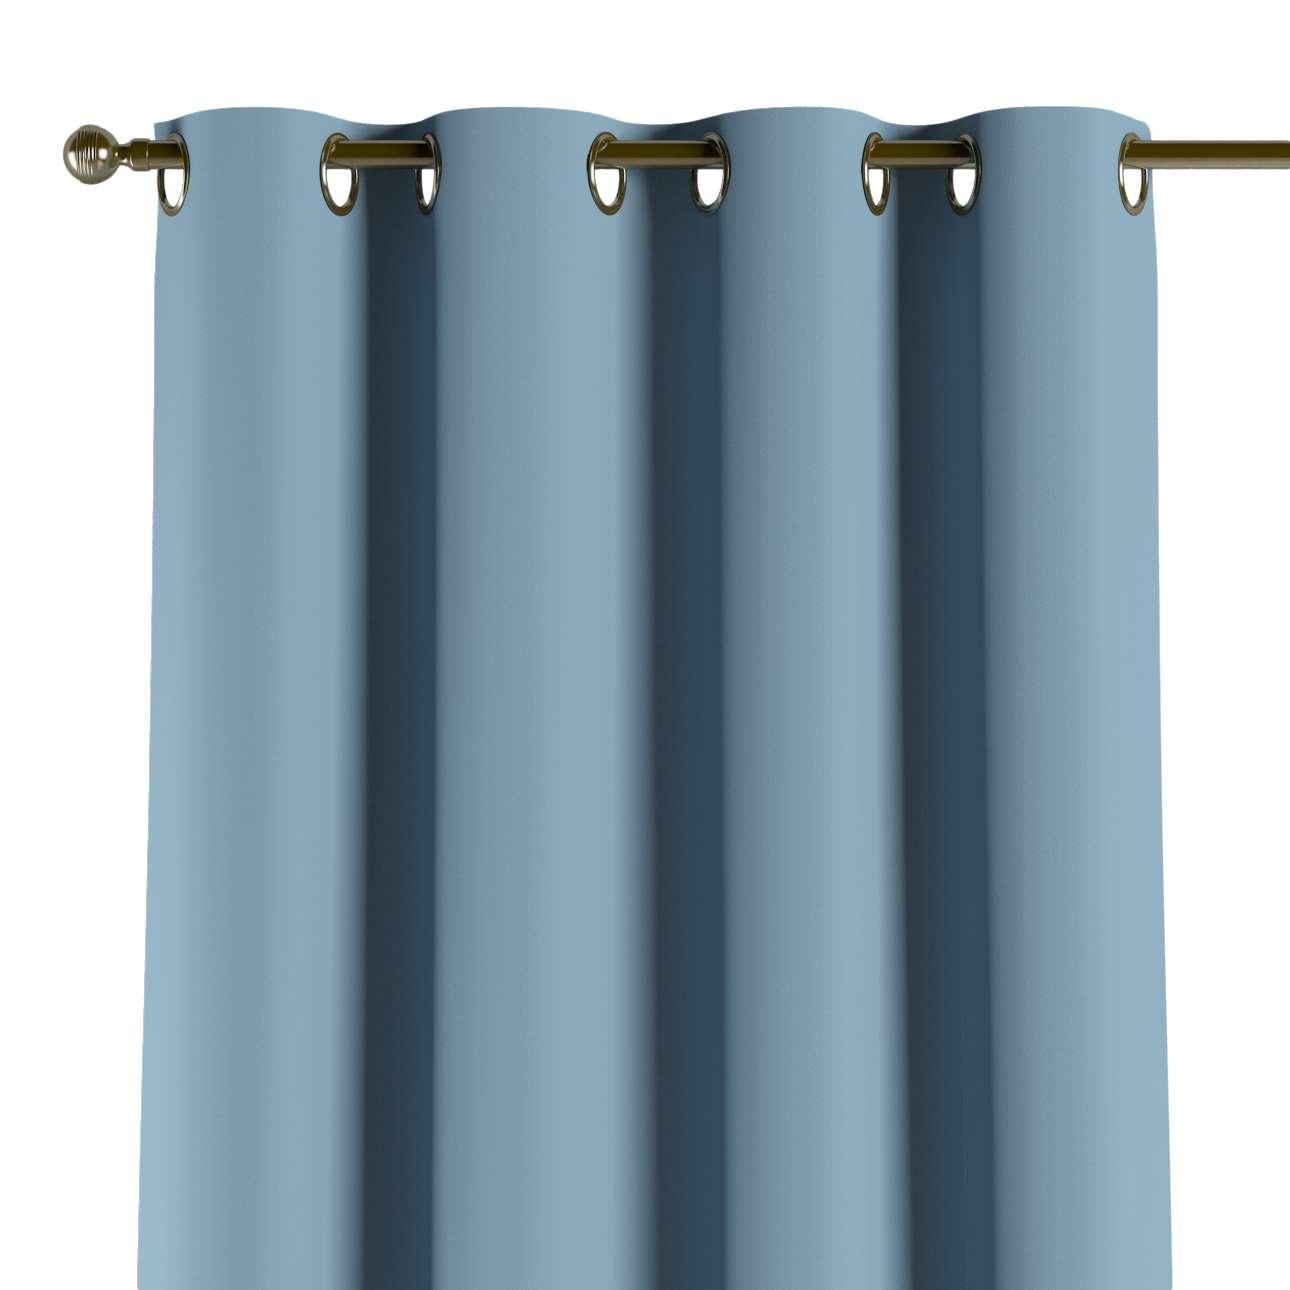 Verdunklungsvorhang mit Ösen, blau, 1 Stck. 140 × 260 cm, Blackout (verdunkelnd)